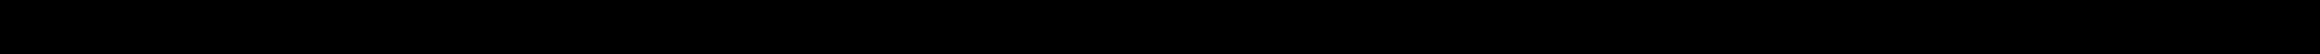 CONTITECH CT 957, CT 957 K2, CT 957 WP1 Vesipumppu + jakohihnasarja